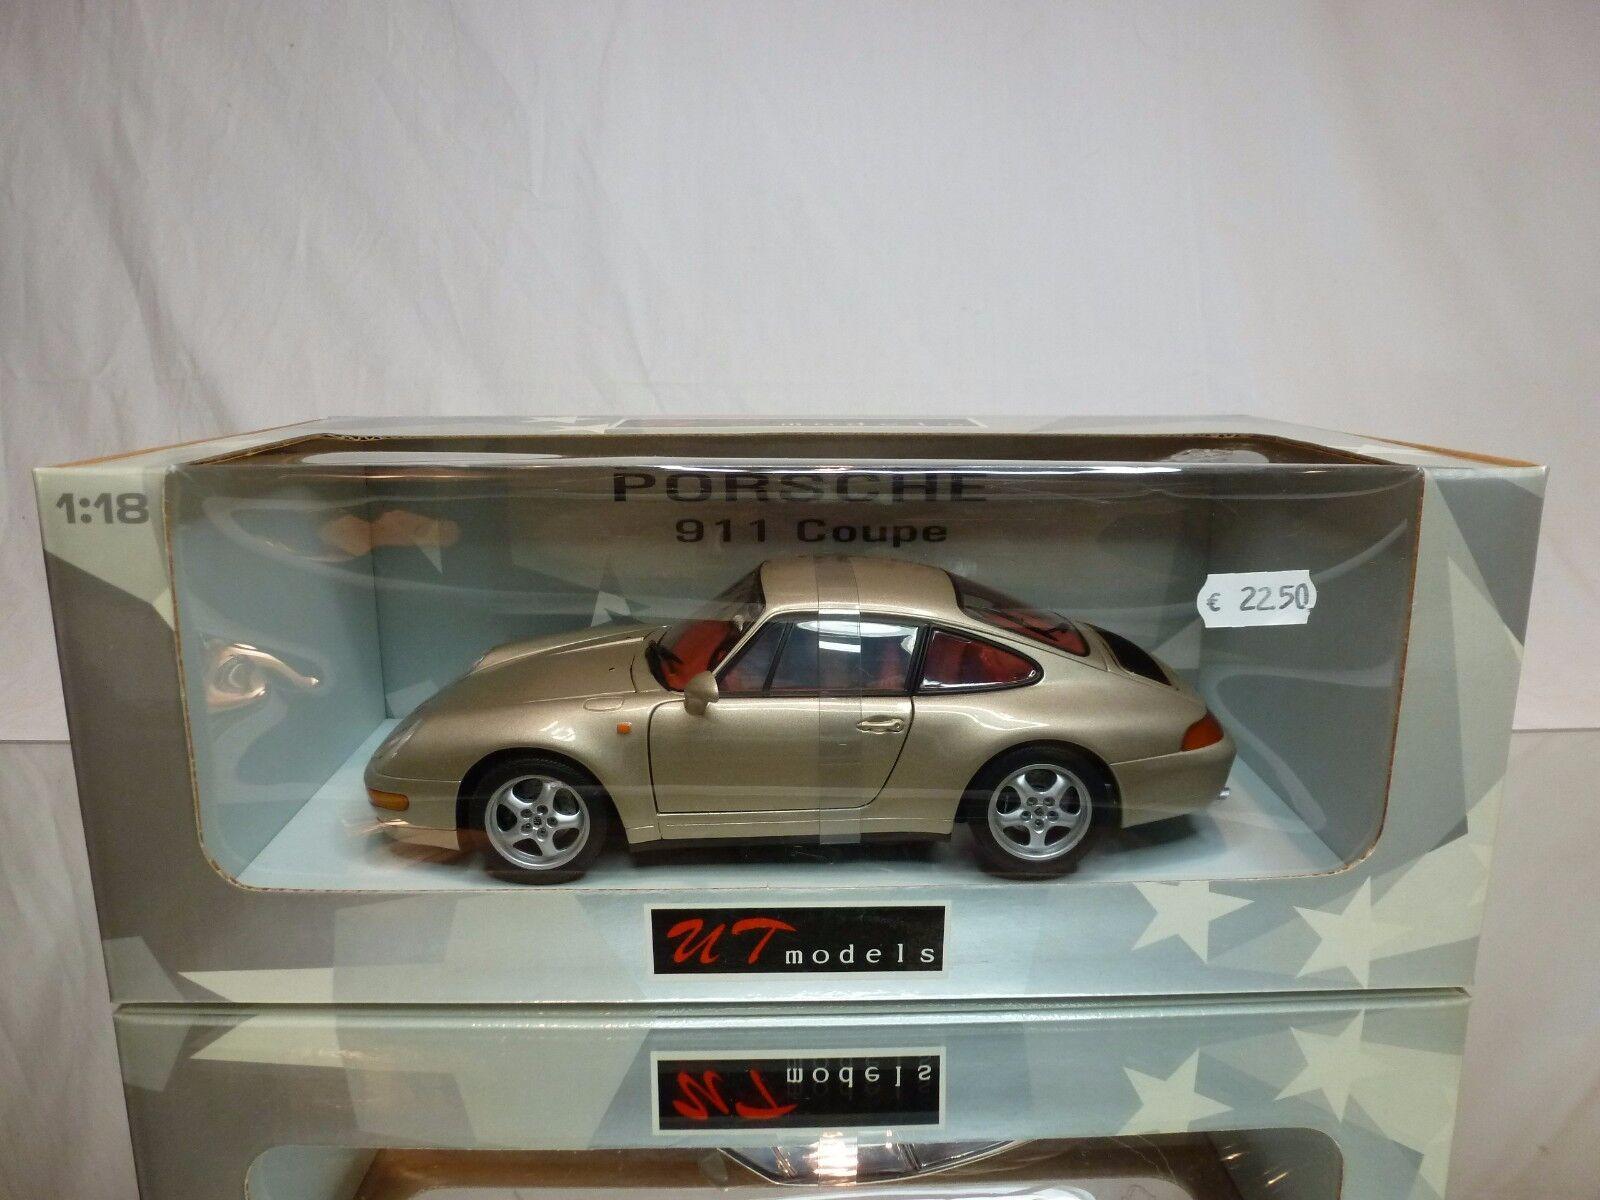 comprar ahora UT MODELS 27803 PORSCHE 911 993 993 993 COUPE - oro 1 18 - BOXED + TRANSPORT STRAPS Coche  la mejor selección de